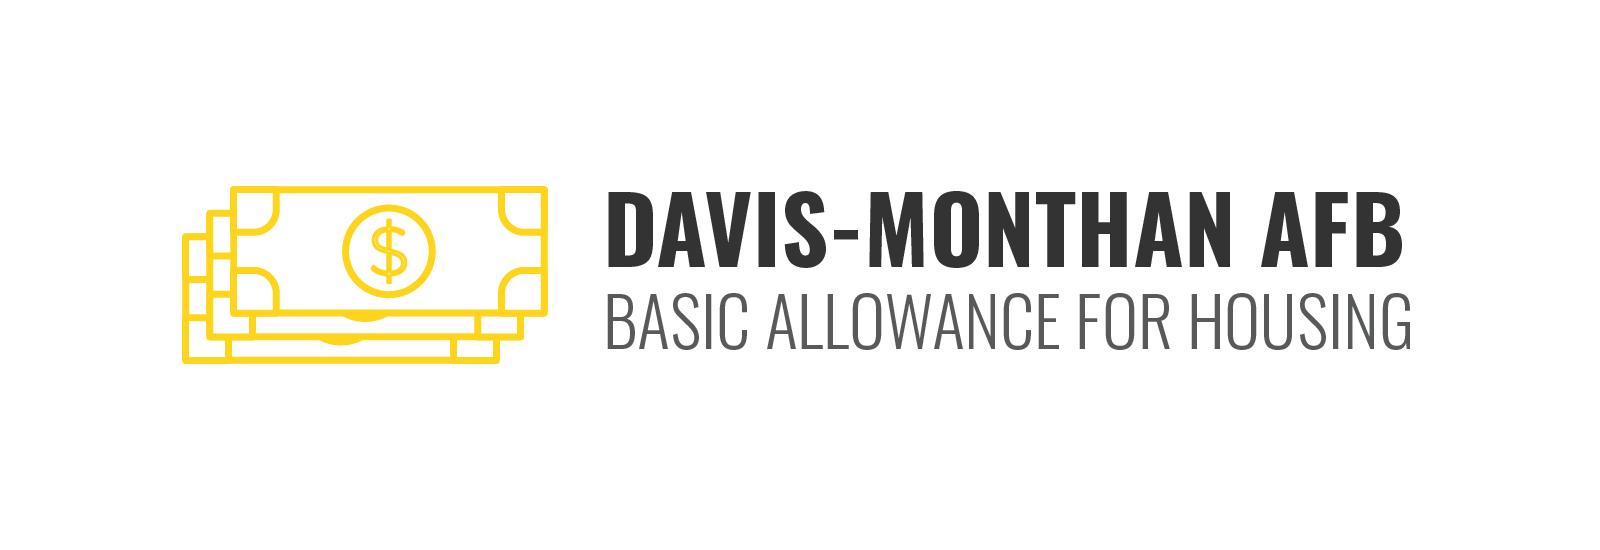 BAH Davis-Monthan